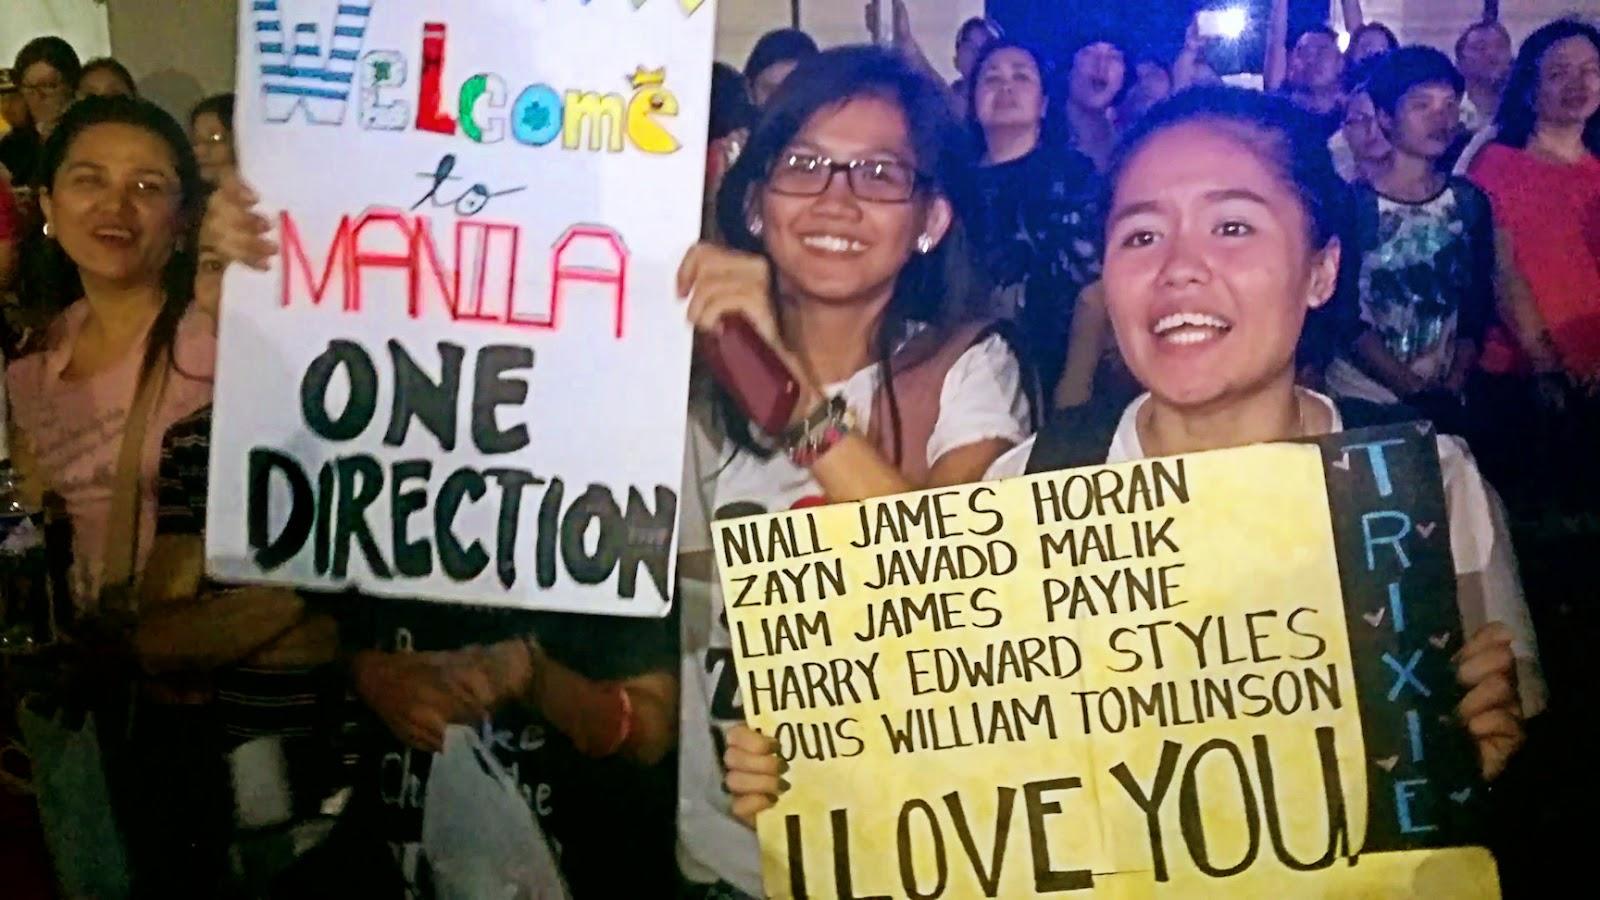 1D fans in Manila